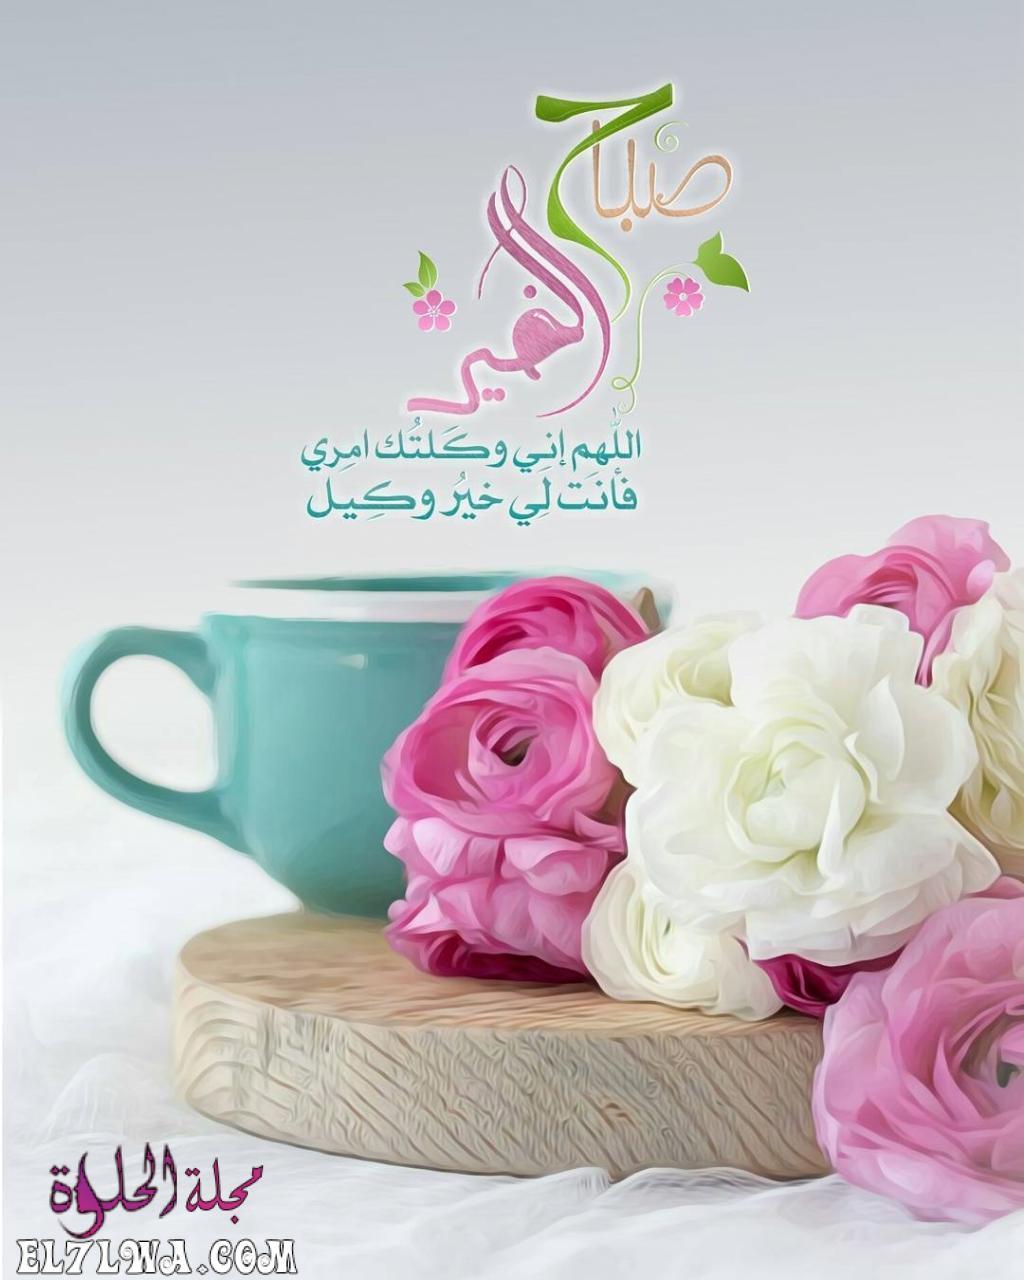 2674 6 - صباح الخير حبيبي أجمل كلمات الصباح للحبيب